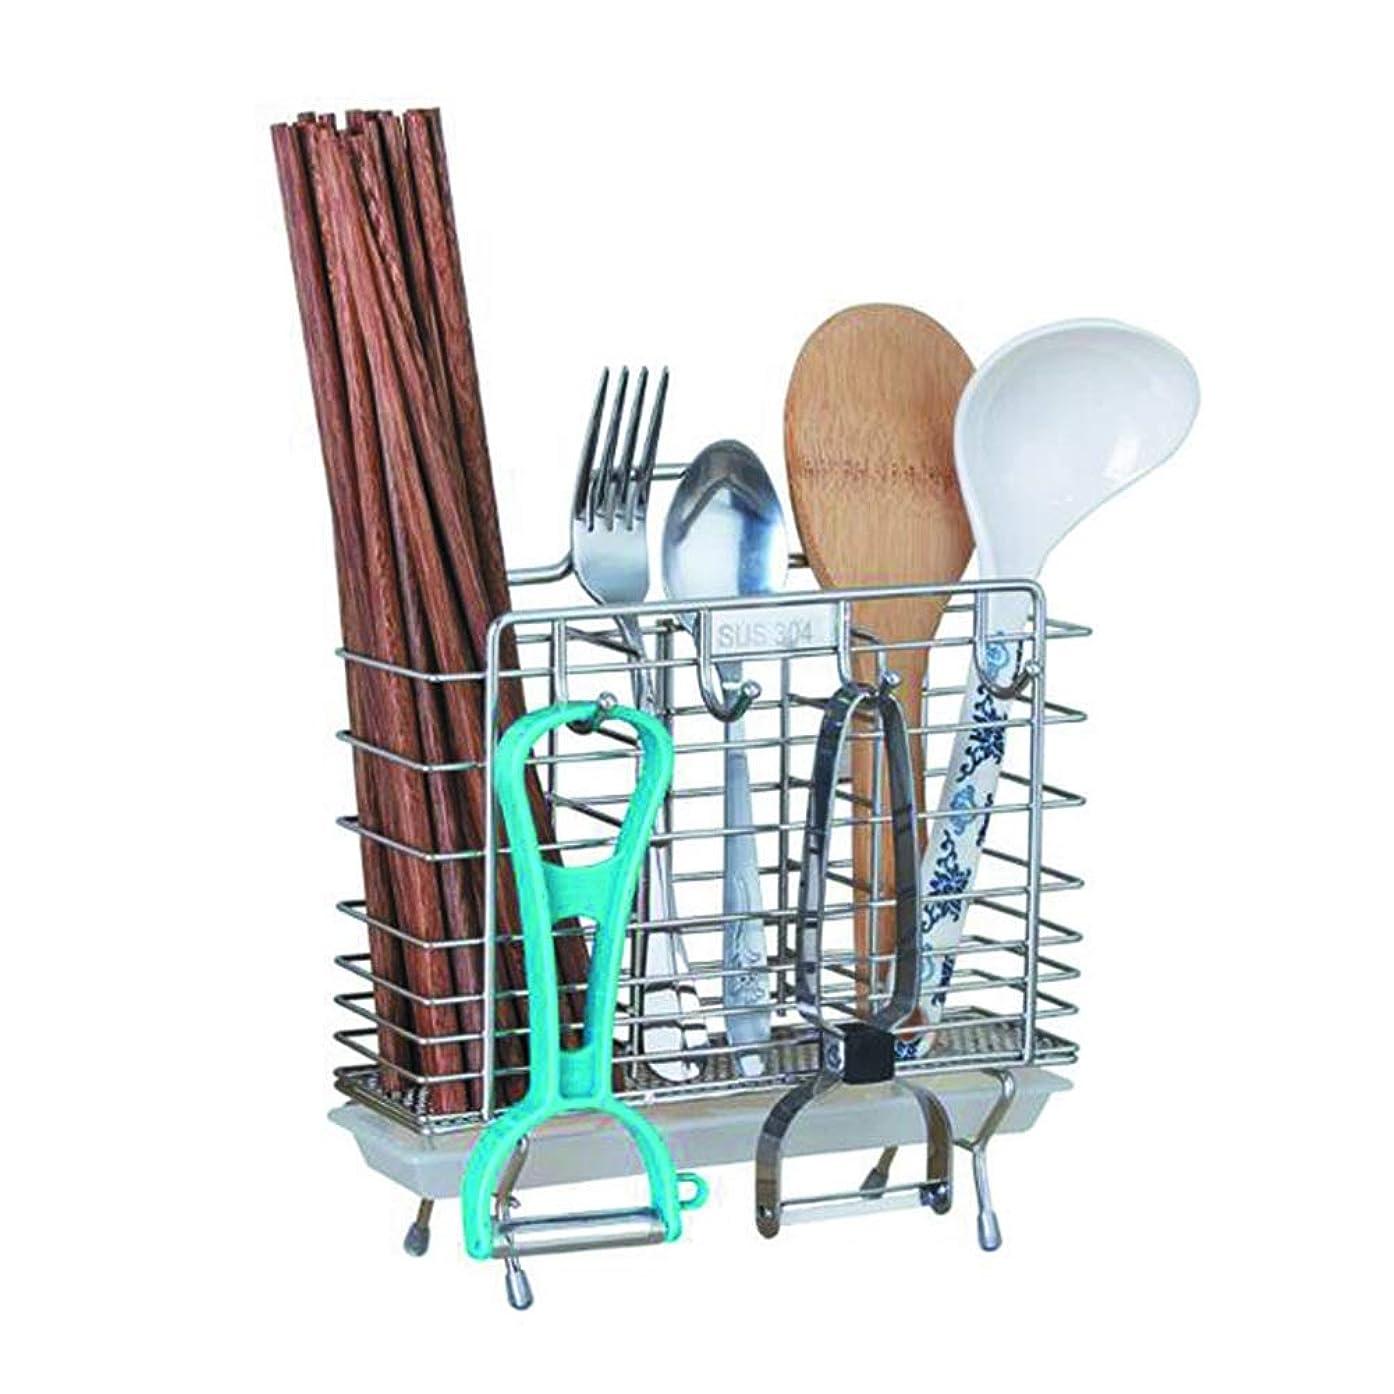 カポック素子道に迷いましたYQQ-棚 箸ホルダーステンレス鋼キッチンカトラリーホルダー箸食器収納ラック防錆器具乾燥ラック